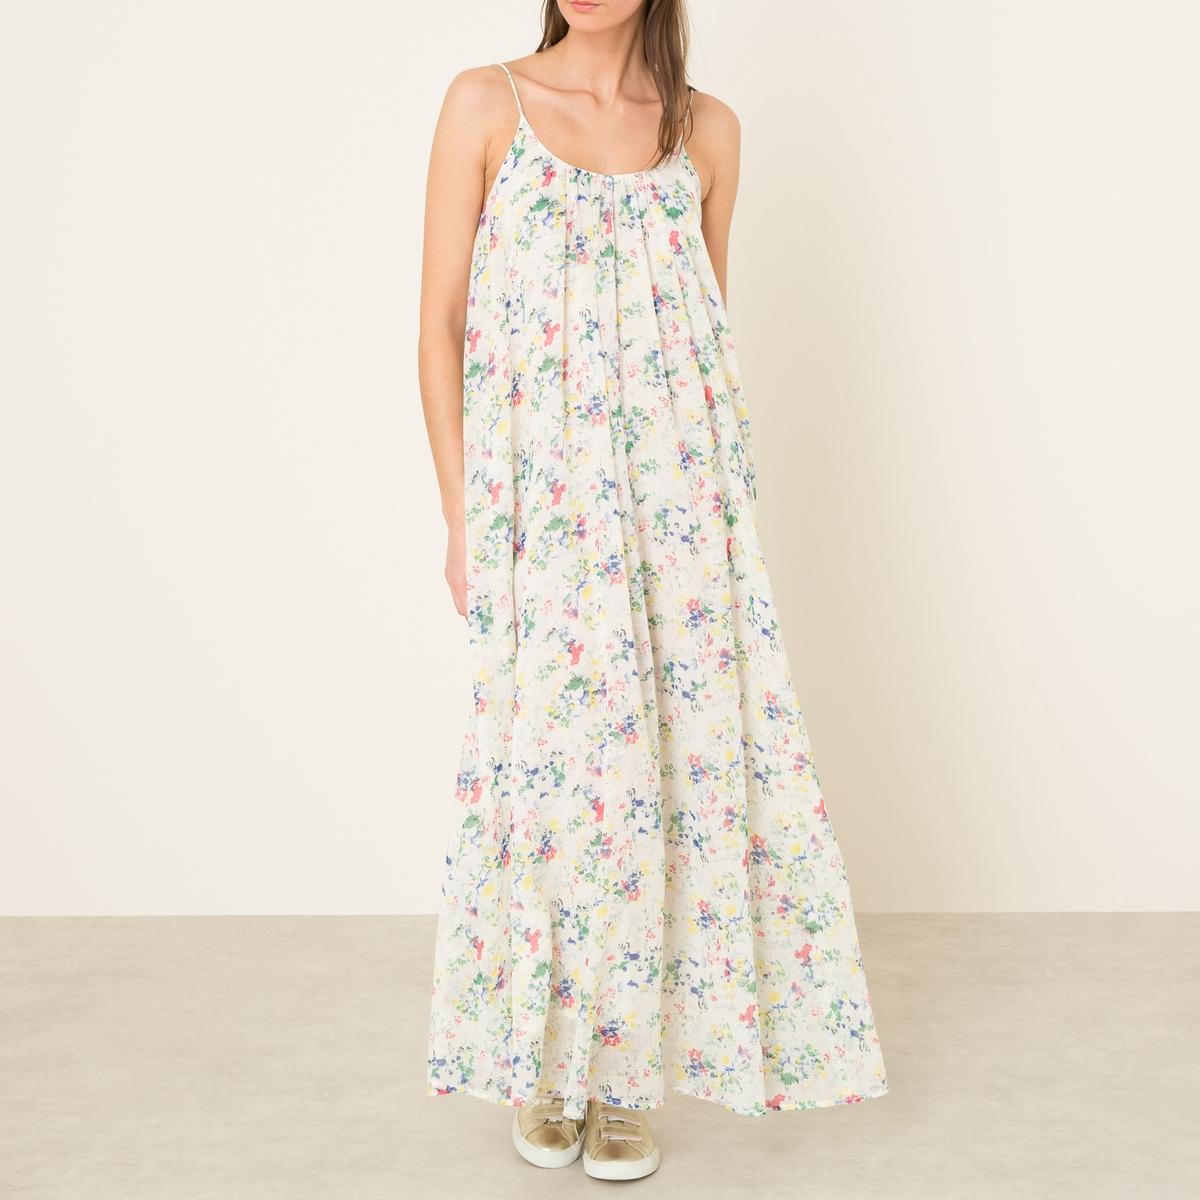 Платье ASHLEYСостав и описание:    Материал : 100% хлопок   Марка : MES DEMOISELLES<br><br>Цвет: цветочный рисунок